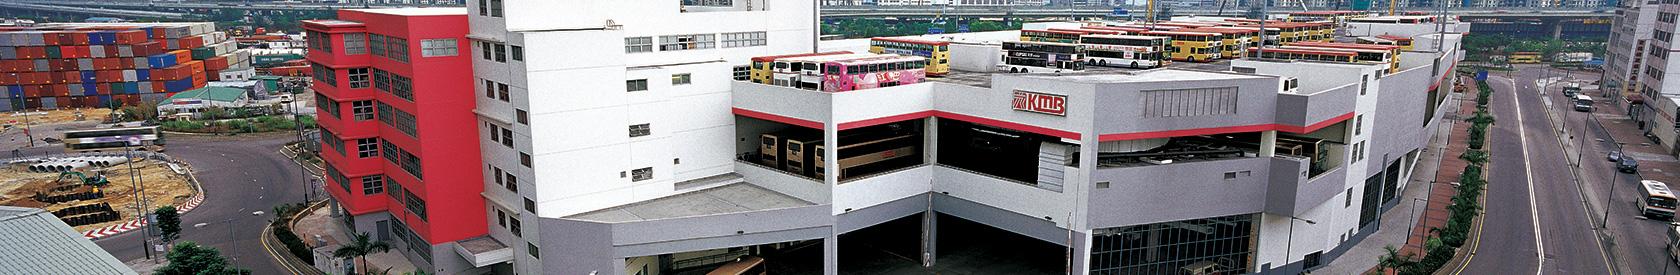 9月19日「參觀九巴荔枝角車廠」參加名單